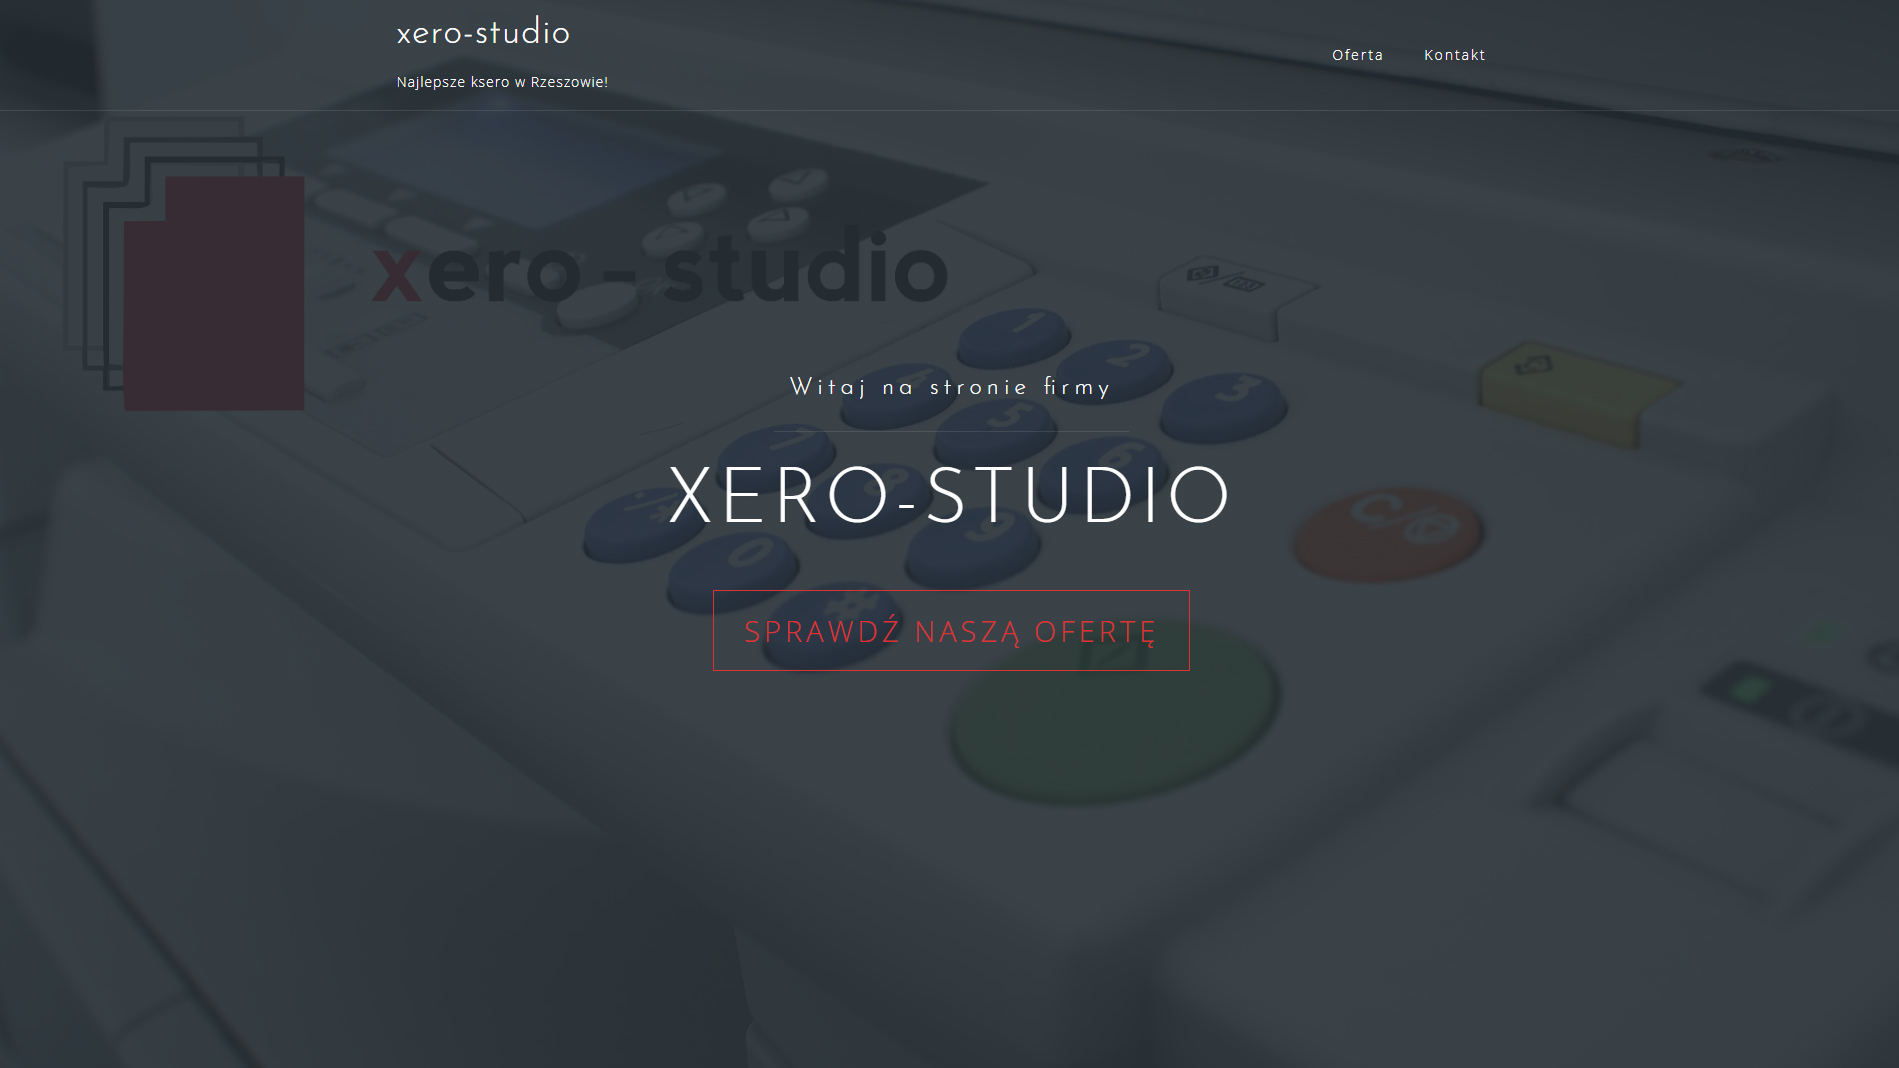 xero studio